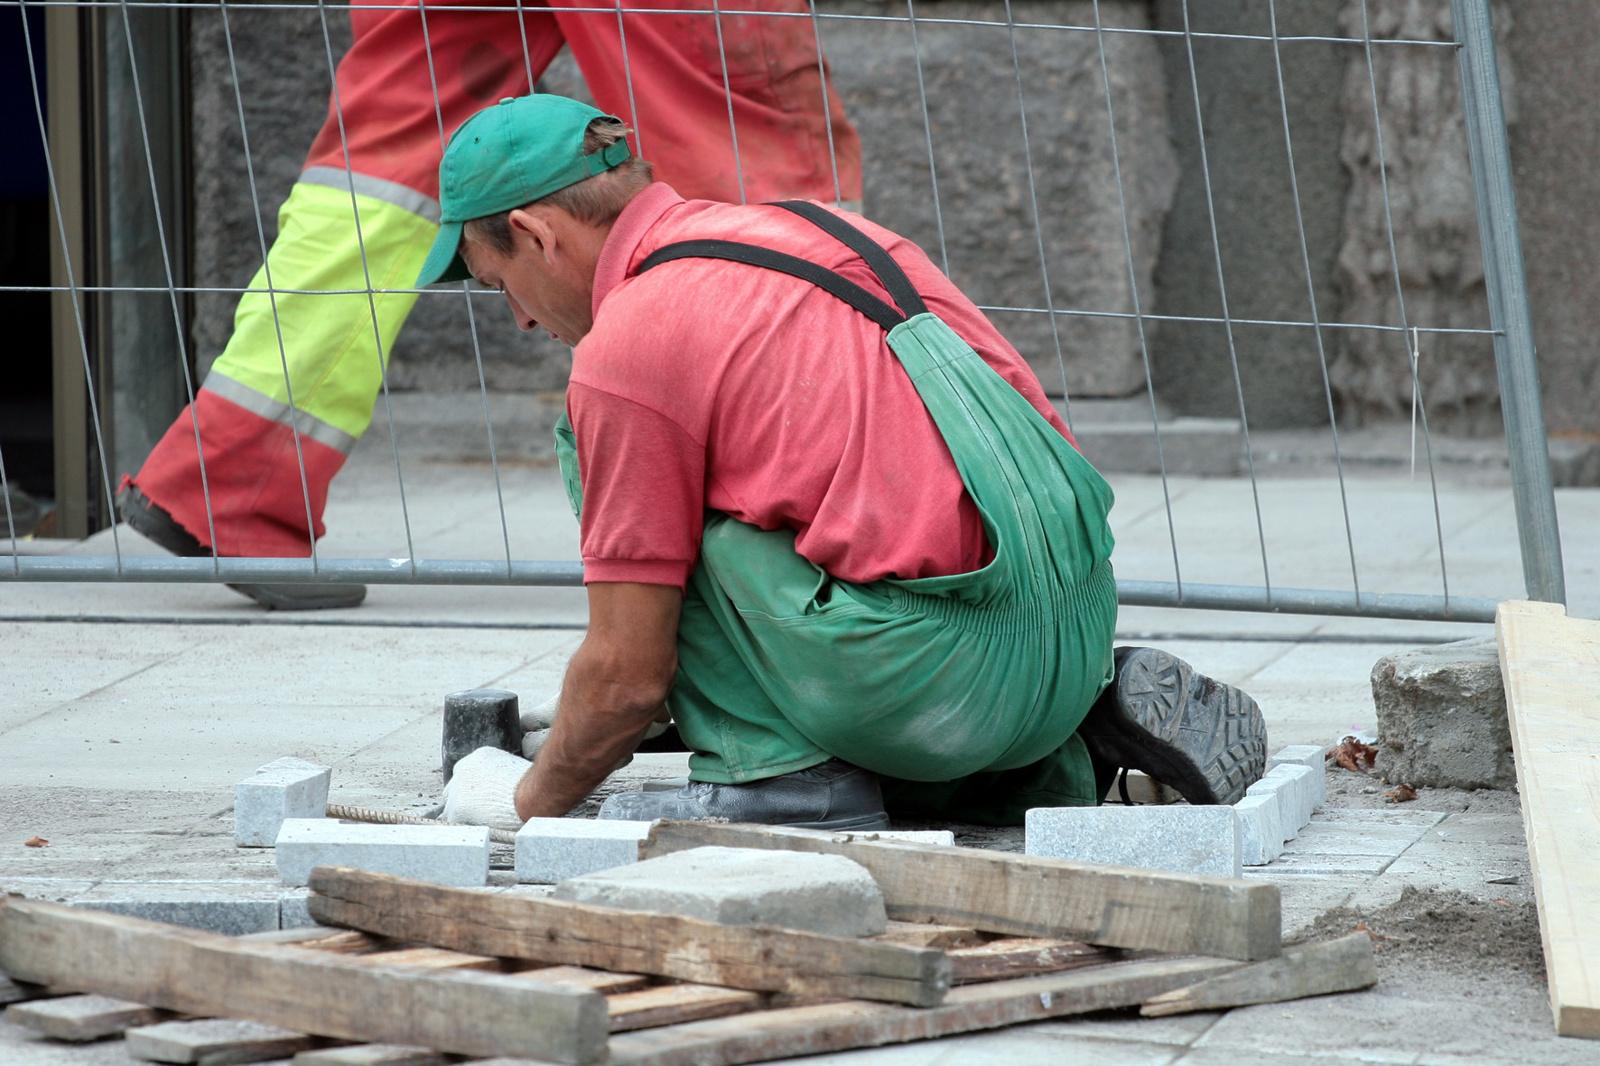 Įstatymo pataisos paliestų tuos, kurie dirba keliose darbovietėse